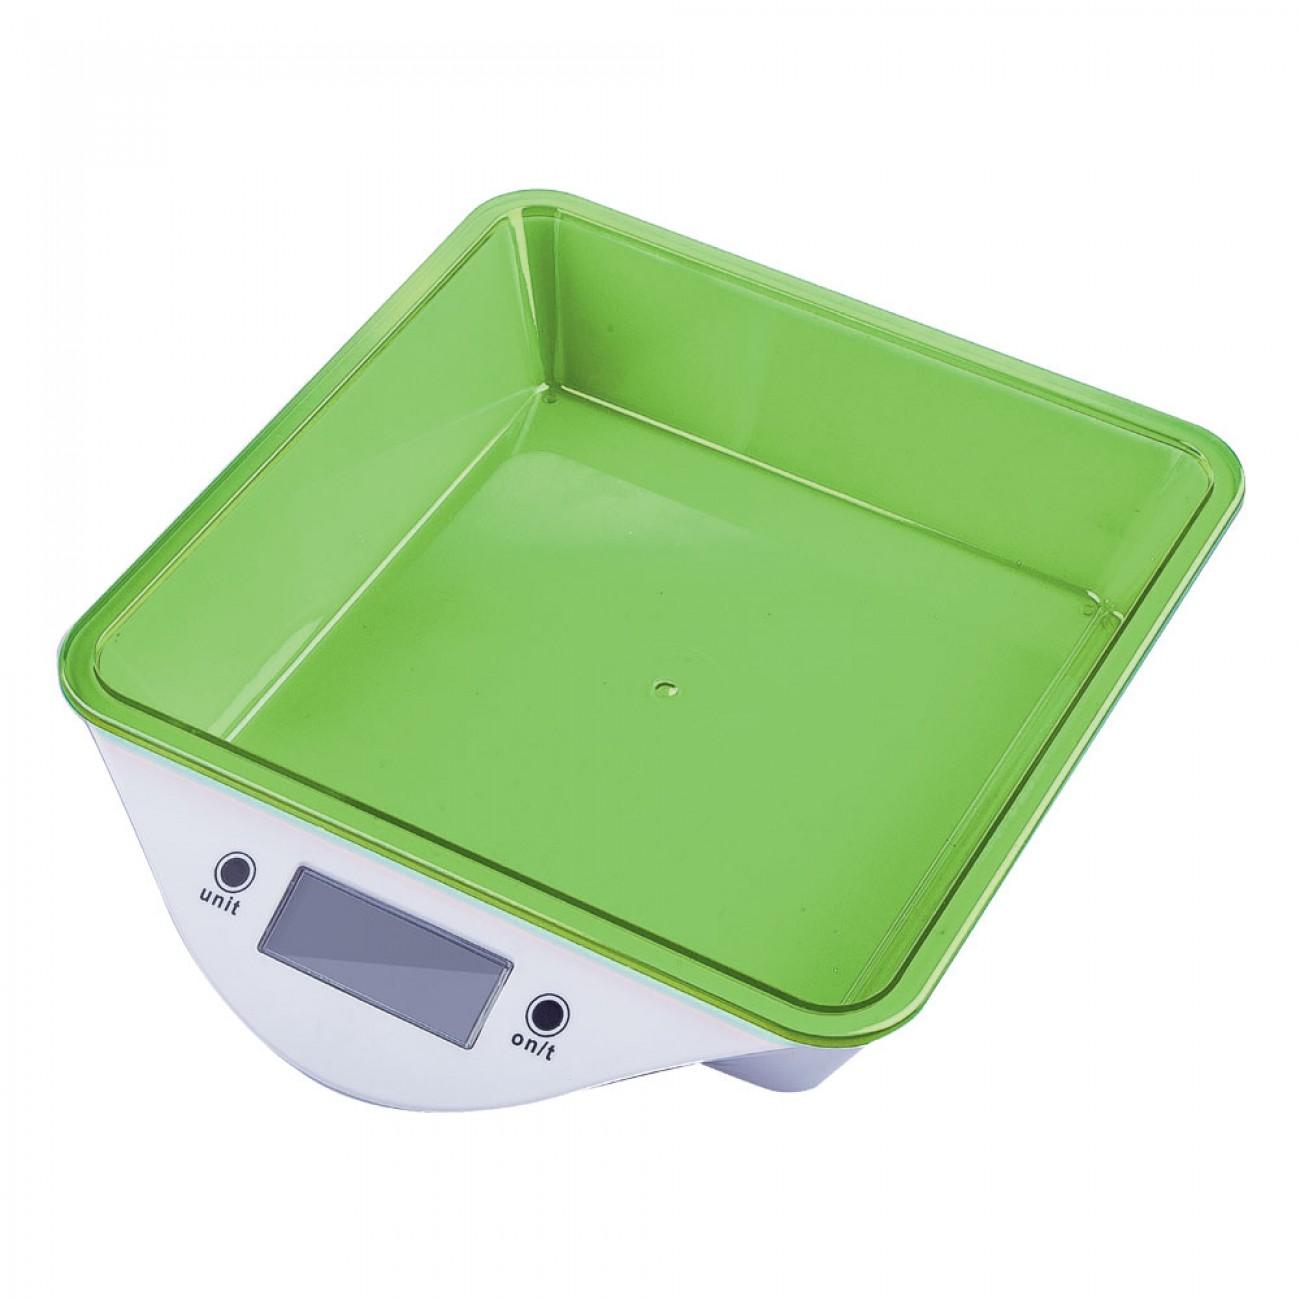 Кухненска дигитална везна ZEPHYR ZP 1651 LS, 5 кг, LCD екран, Включена батерия, Зелена в Кухненски везни - ZEPHYR | Alleop